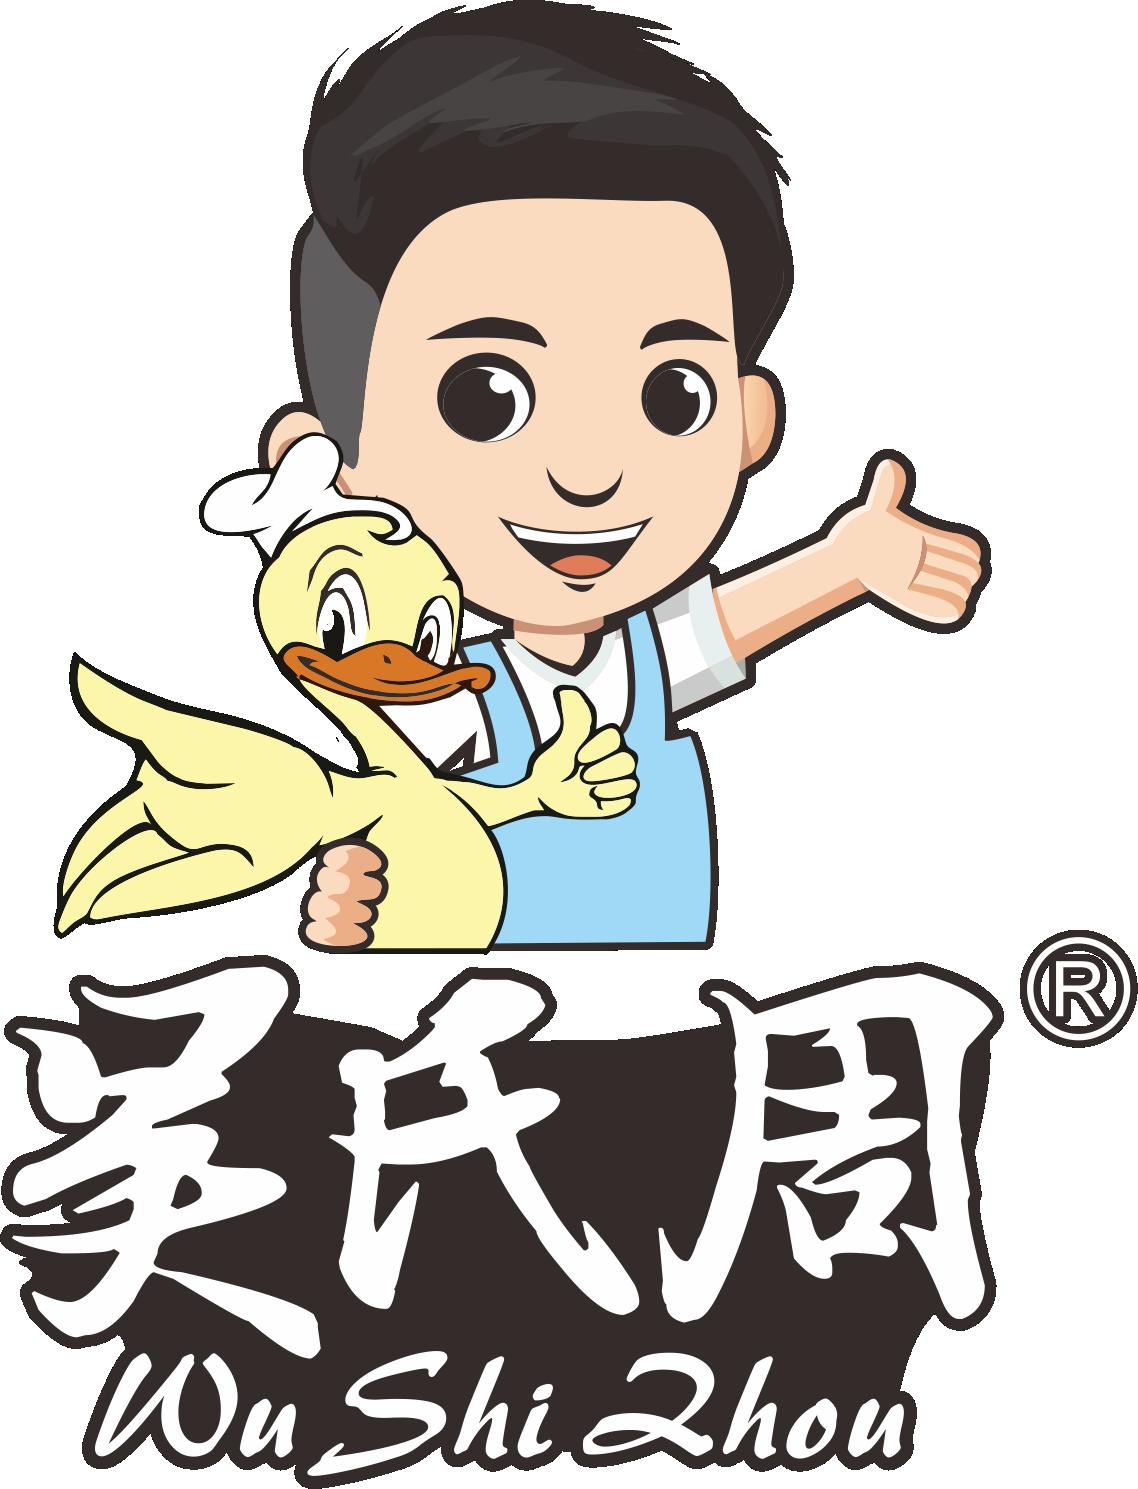 吴氏周吴记黑鸭